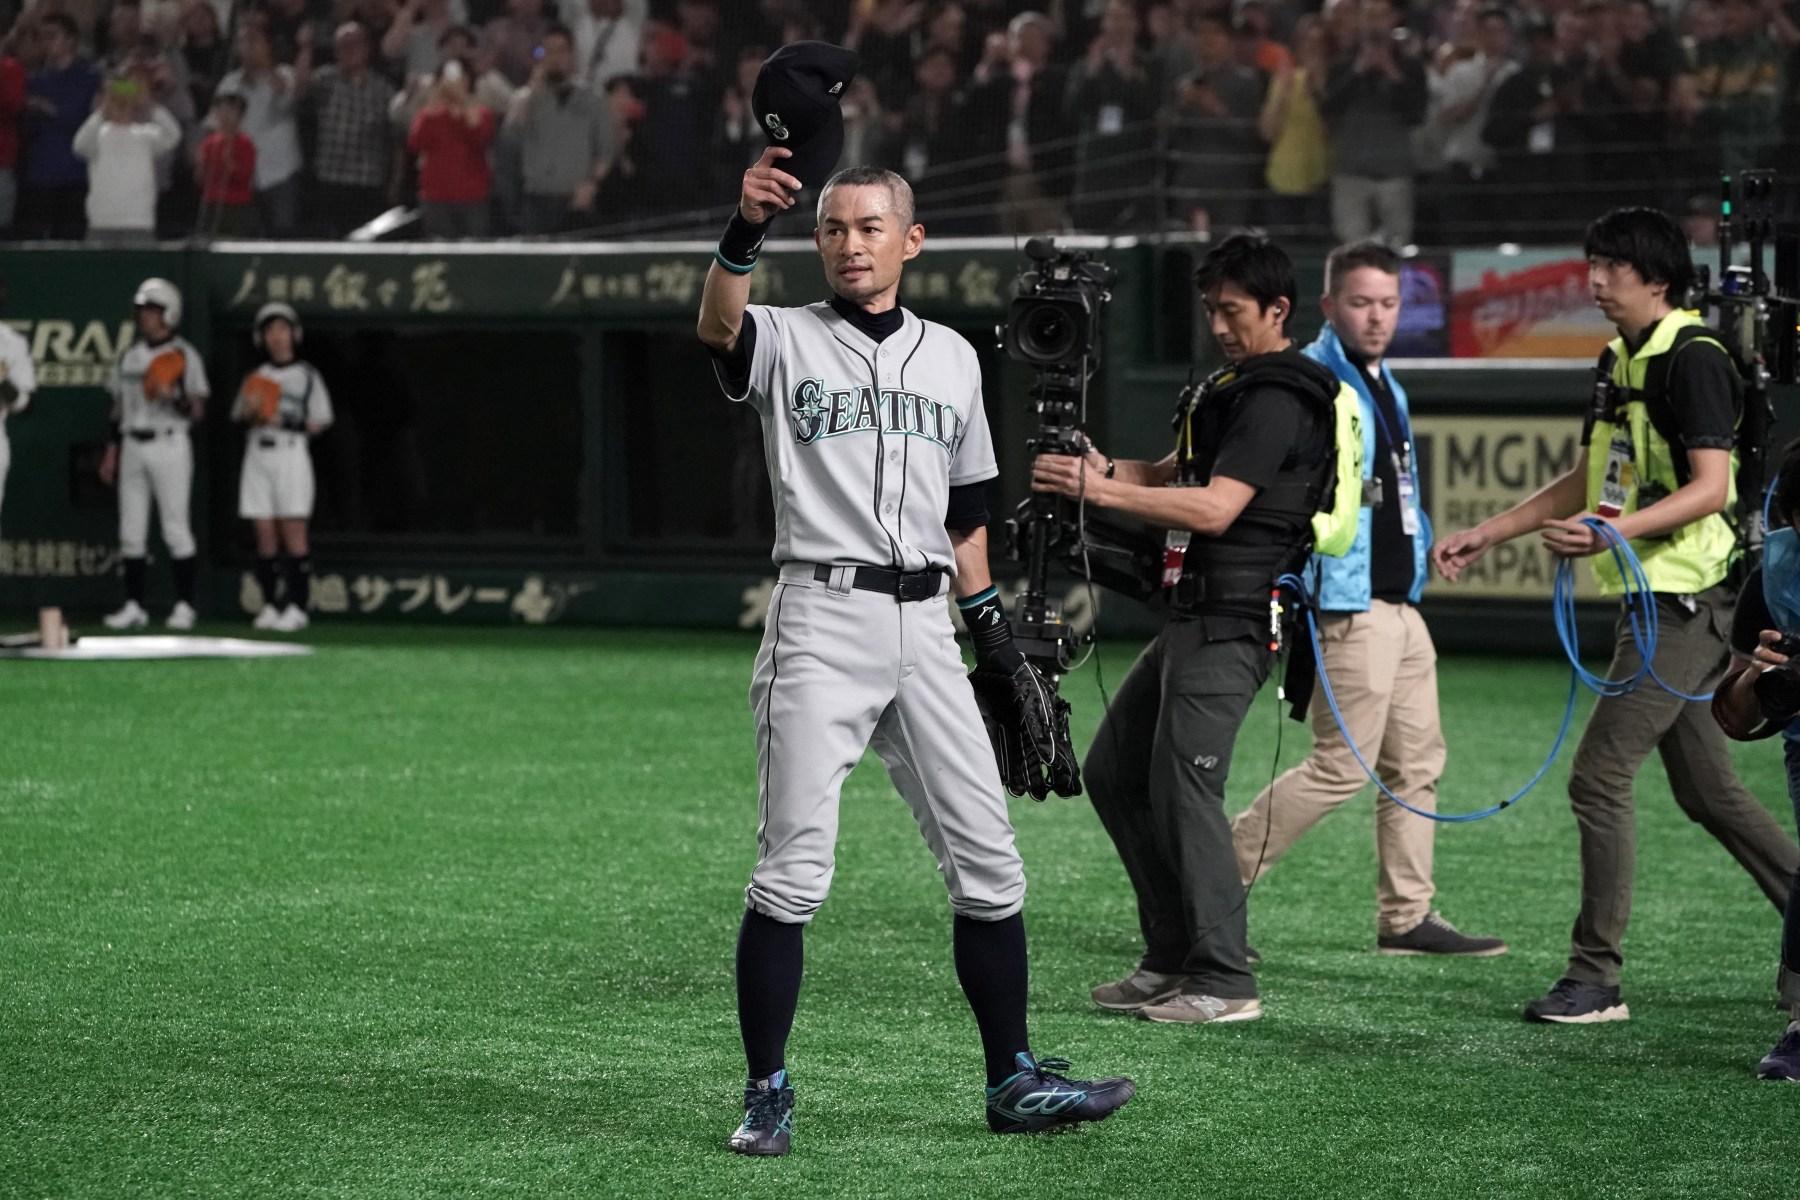 ichiro retires